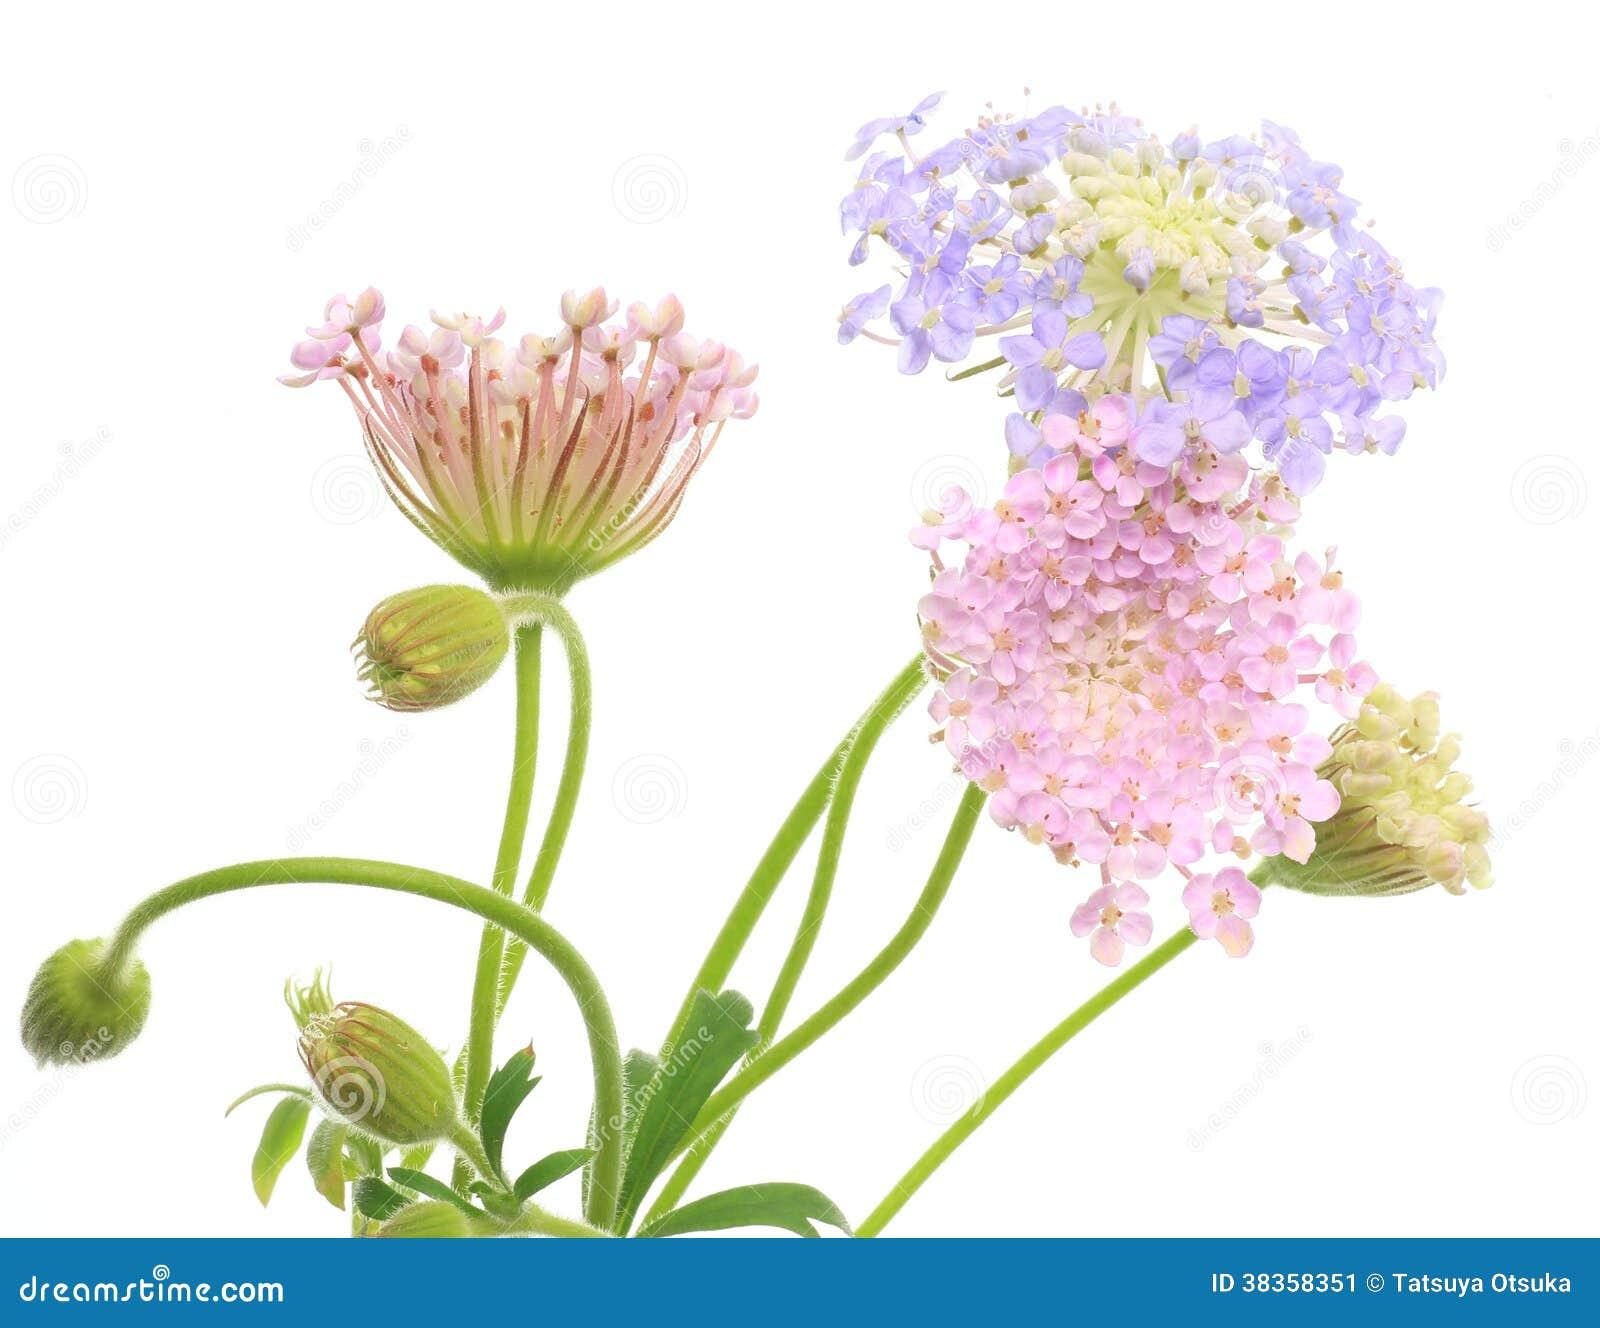 Pincushion Flowers Stock Image Image Of Shot Rose Pink 38358351